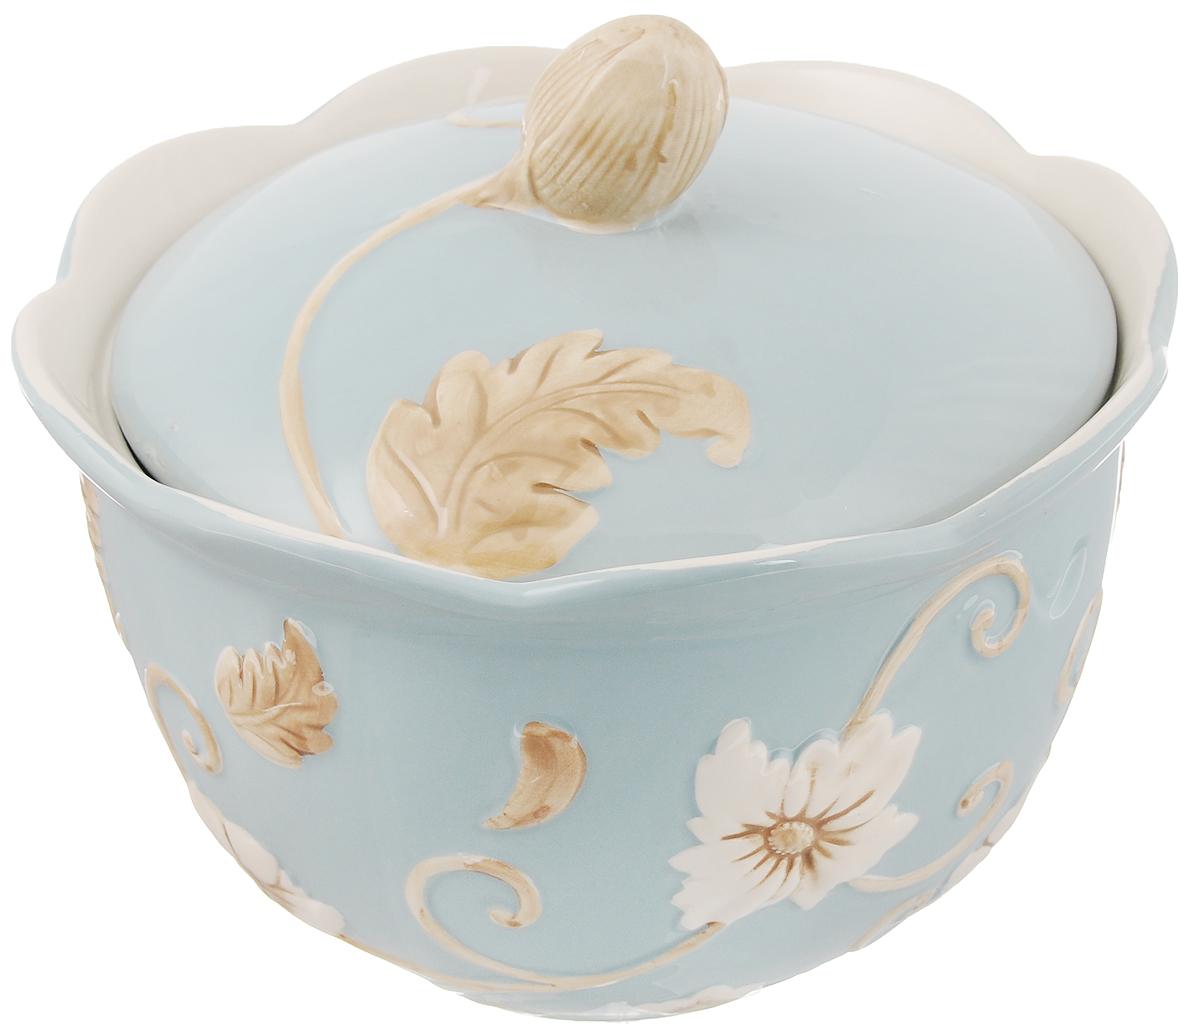 Супница Loraine Розы с крышкой, 2 л115510Супница Loraine Розы выполнена из доломита и оснащена плотно прилегающей крышкой. Супница оформлена красивым рельефным рисунком.Изделие предназначено для красивой подачи супа и сервировки стола. Яркий дизайн, несомненно, придется вам по вкусу.Посуду можно использовать в микроволновой печи и холодильнике. Можно мыть в посудомоечной машине.Диаметр супницы: 22 см.Высота стенок супницы: 13,5 см.Высота супницы (с учетом крышки): 19 см.Объем: 2 л.